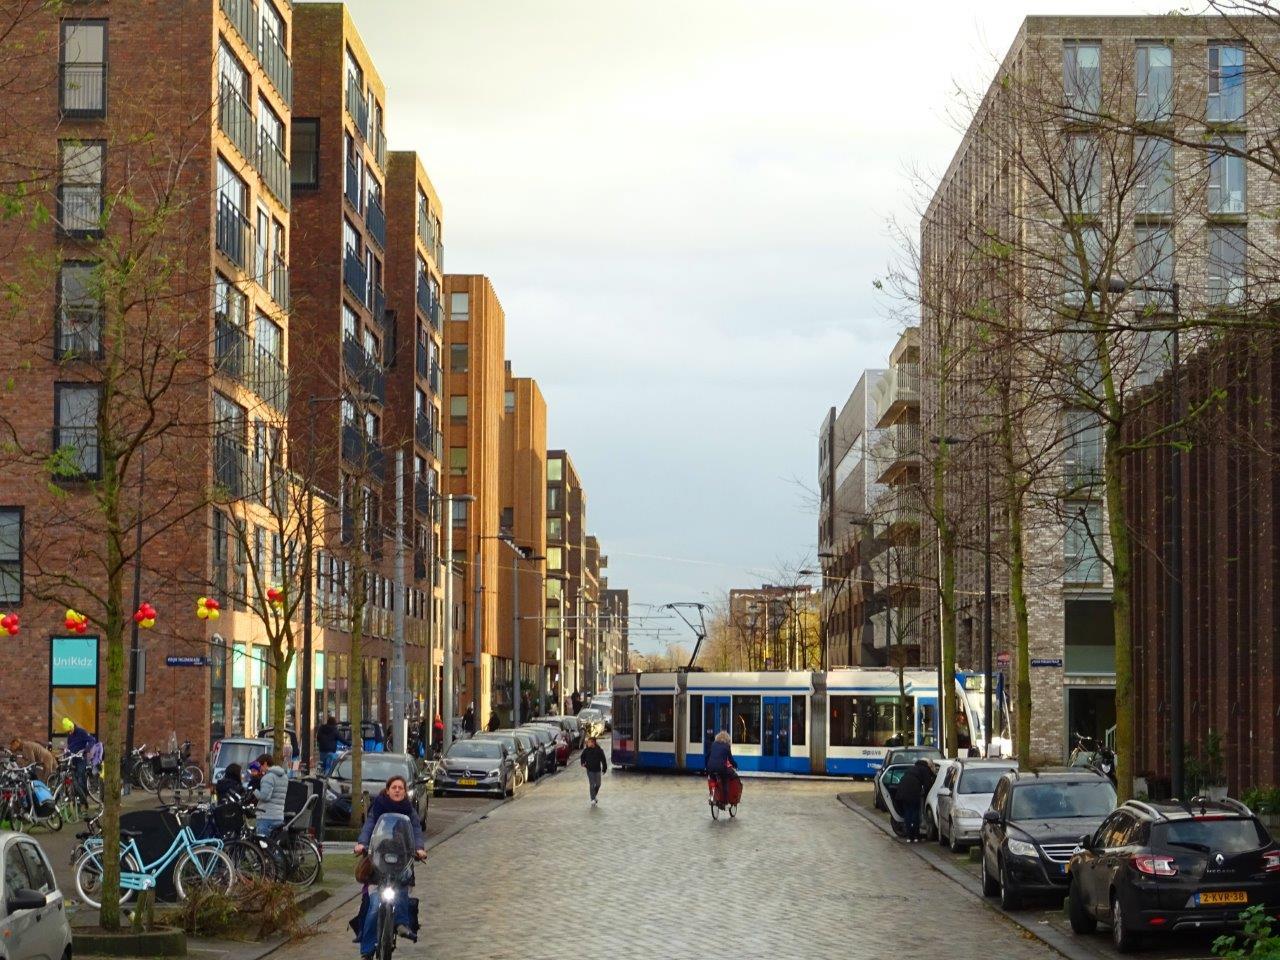 Wonen In Ijburg : Ijburg u henk